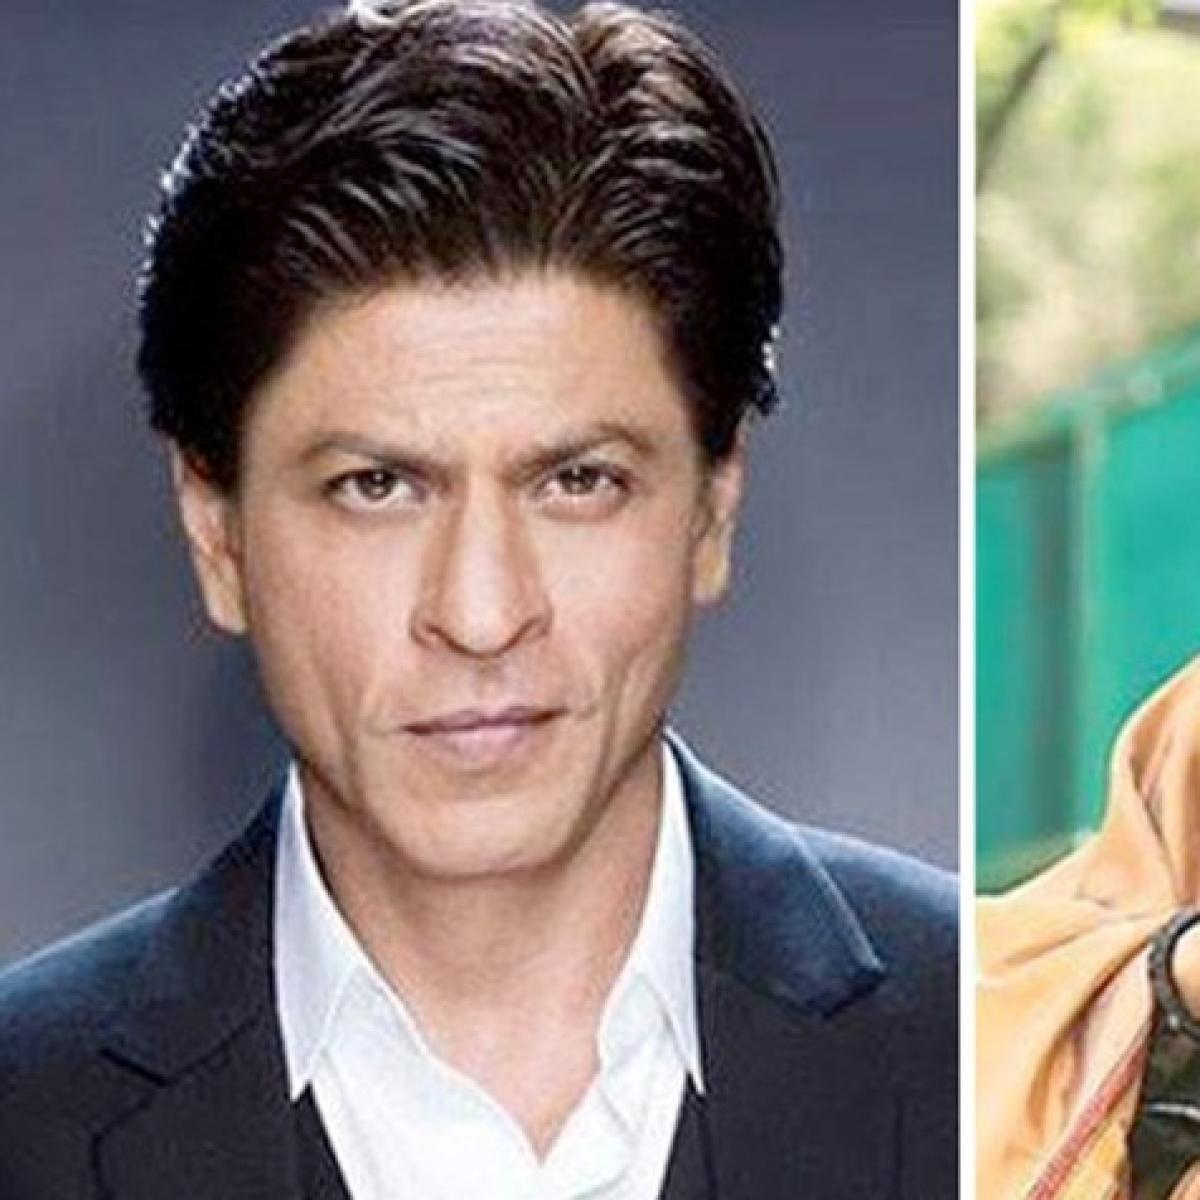 Shah Rukh Khan to back Sanjay Mishra's film 'Kaamyaab'